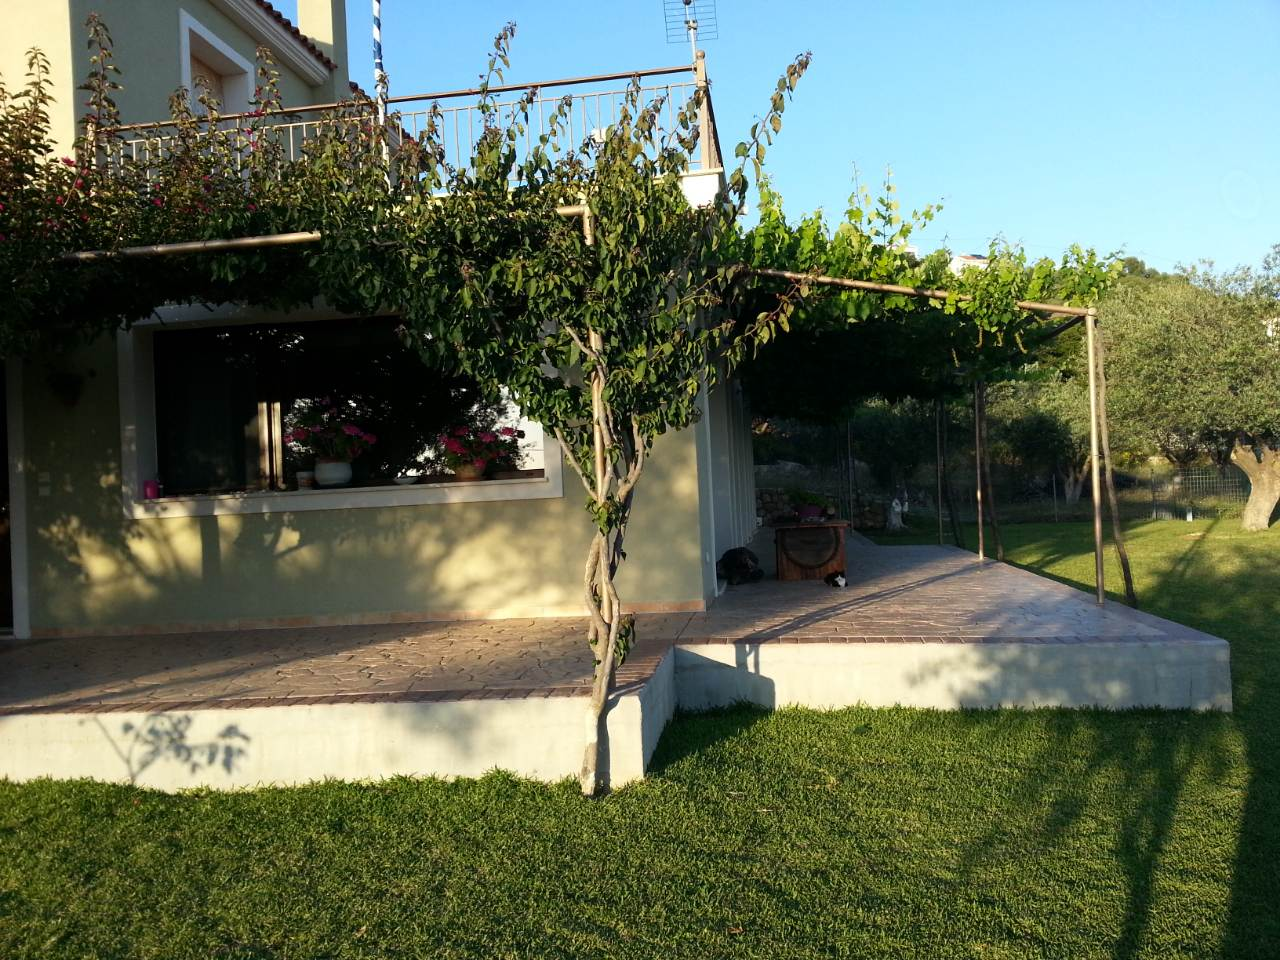 anio residence garden